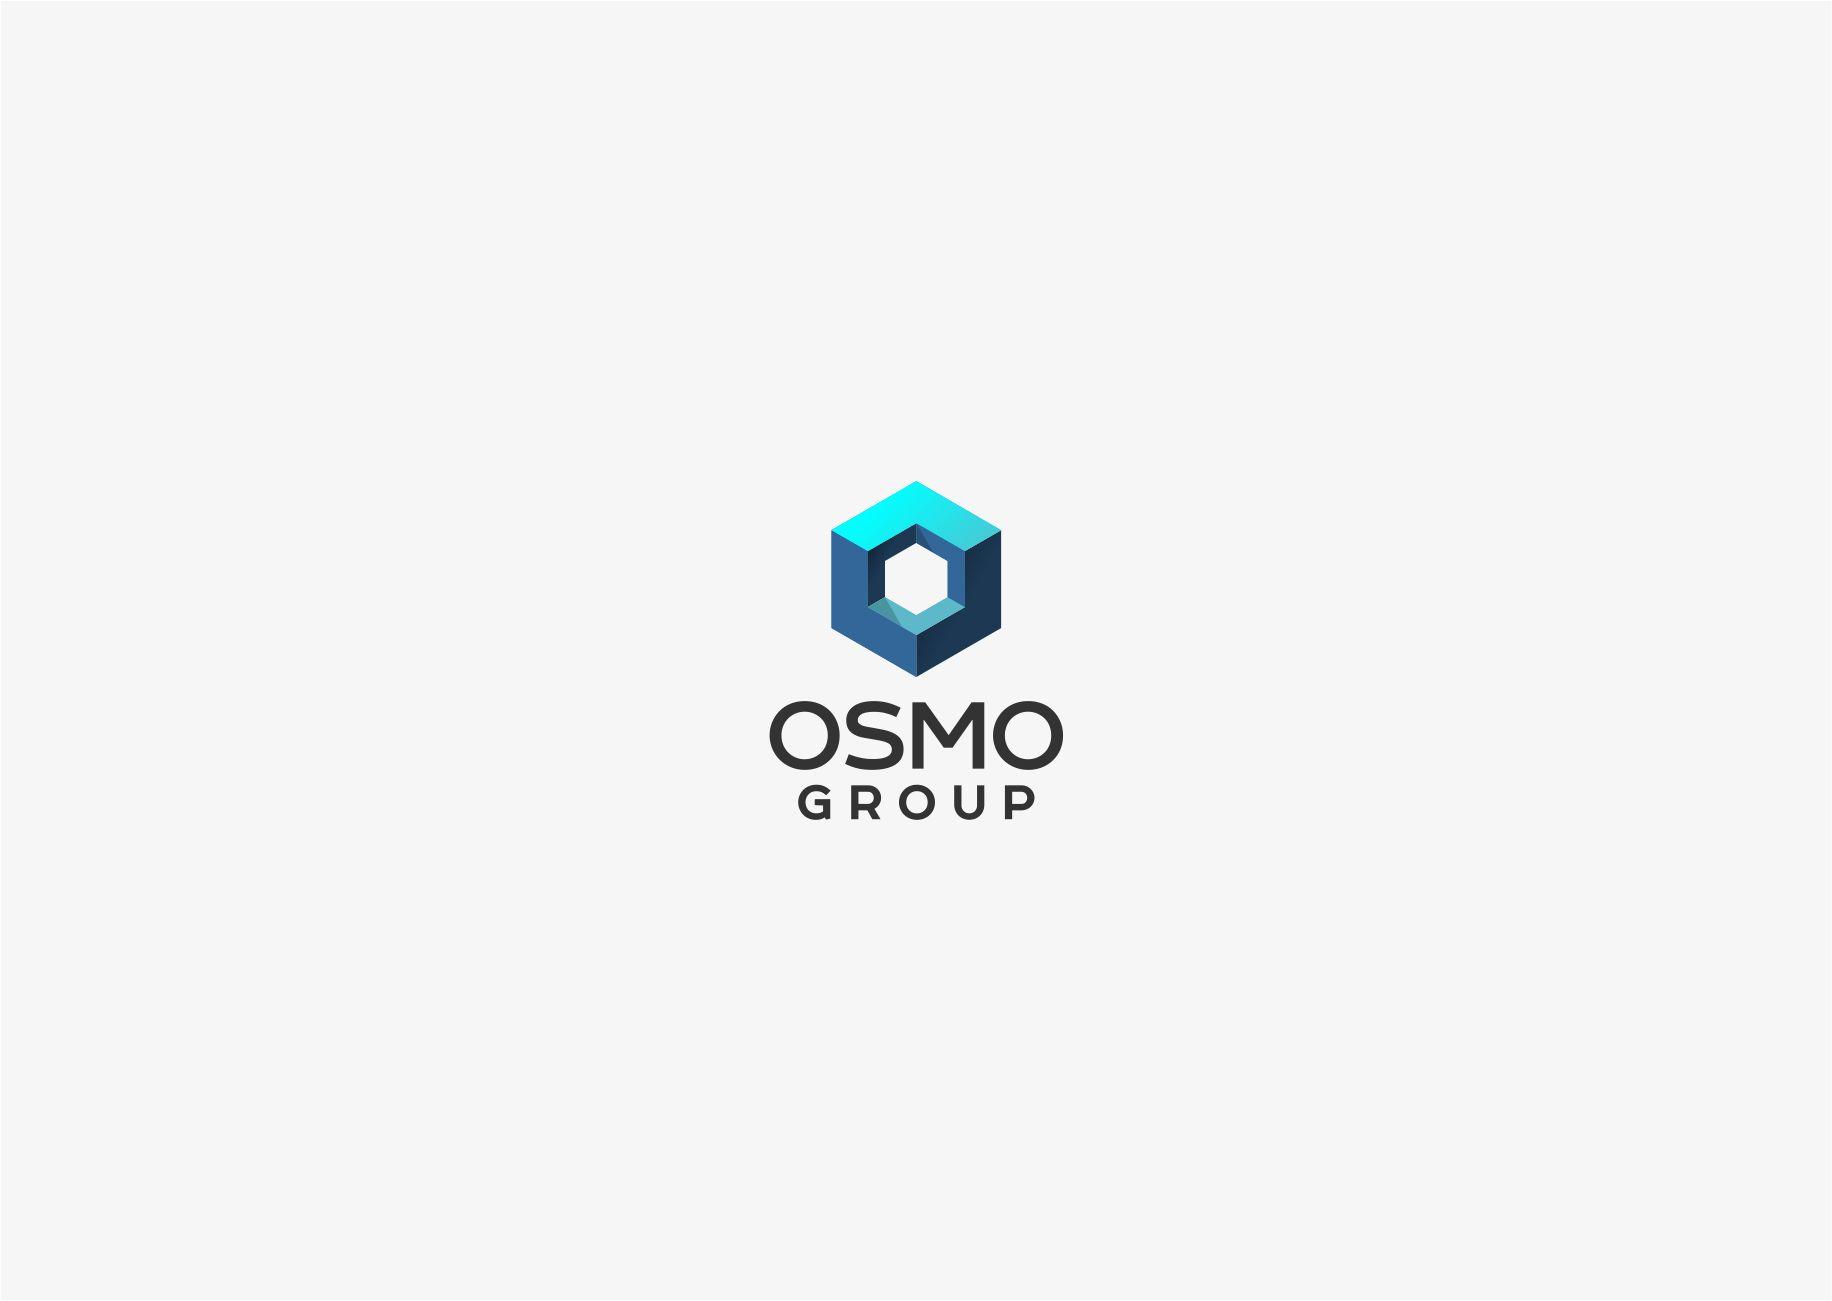 Создание логотипа для строительной компании OSMO group  фото f_86759b3df3bc854b.jpg